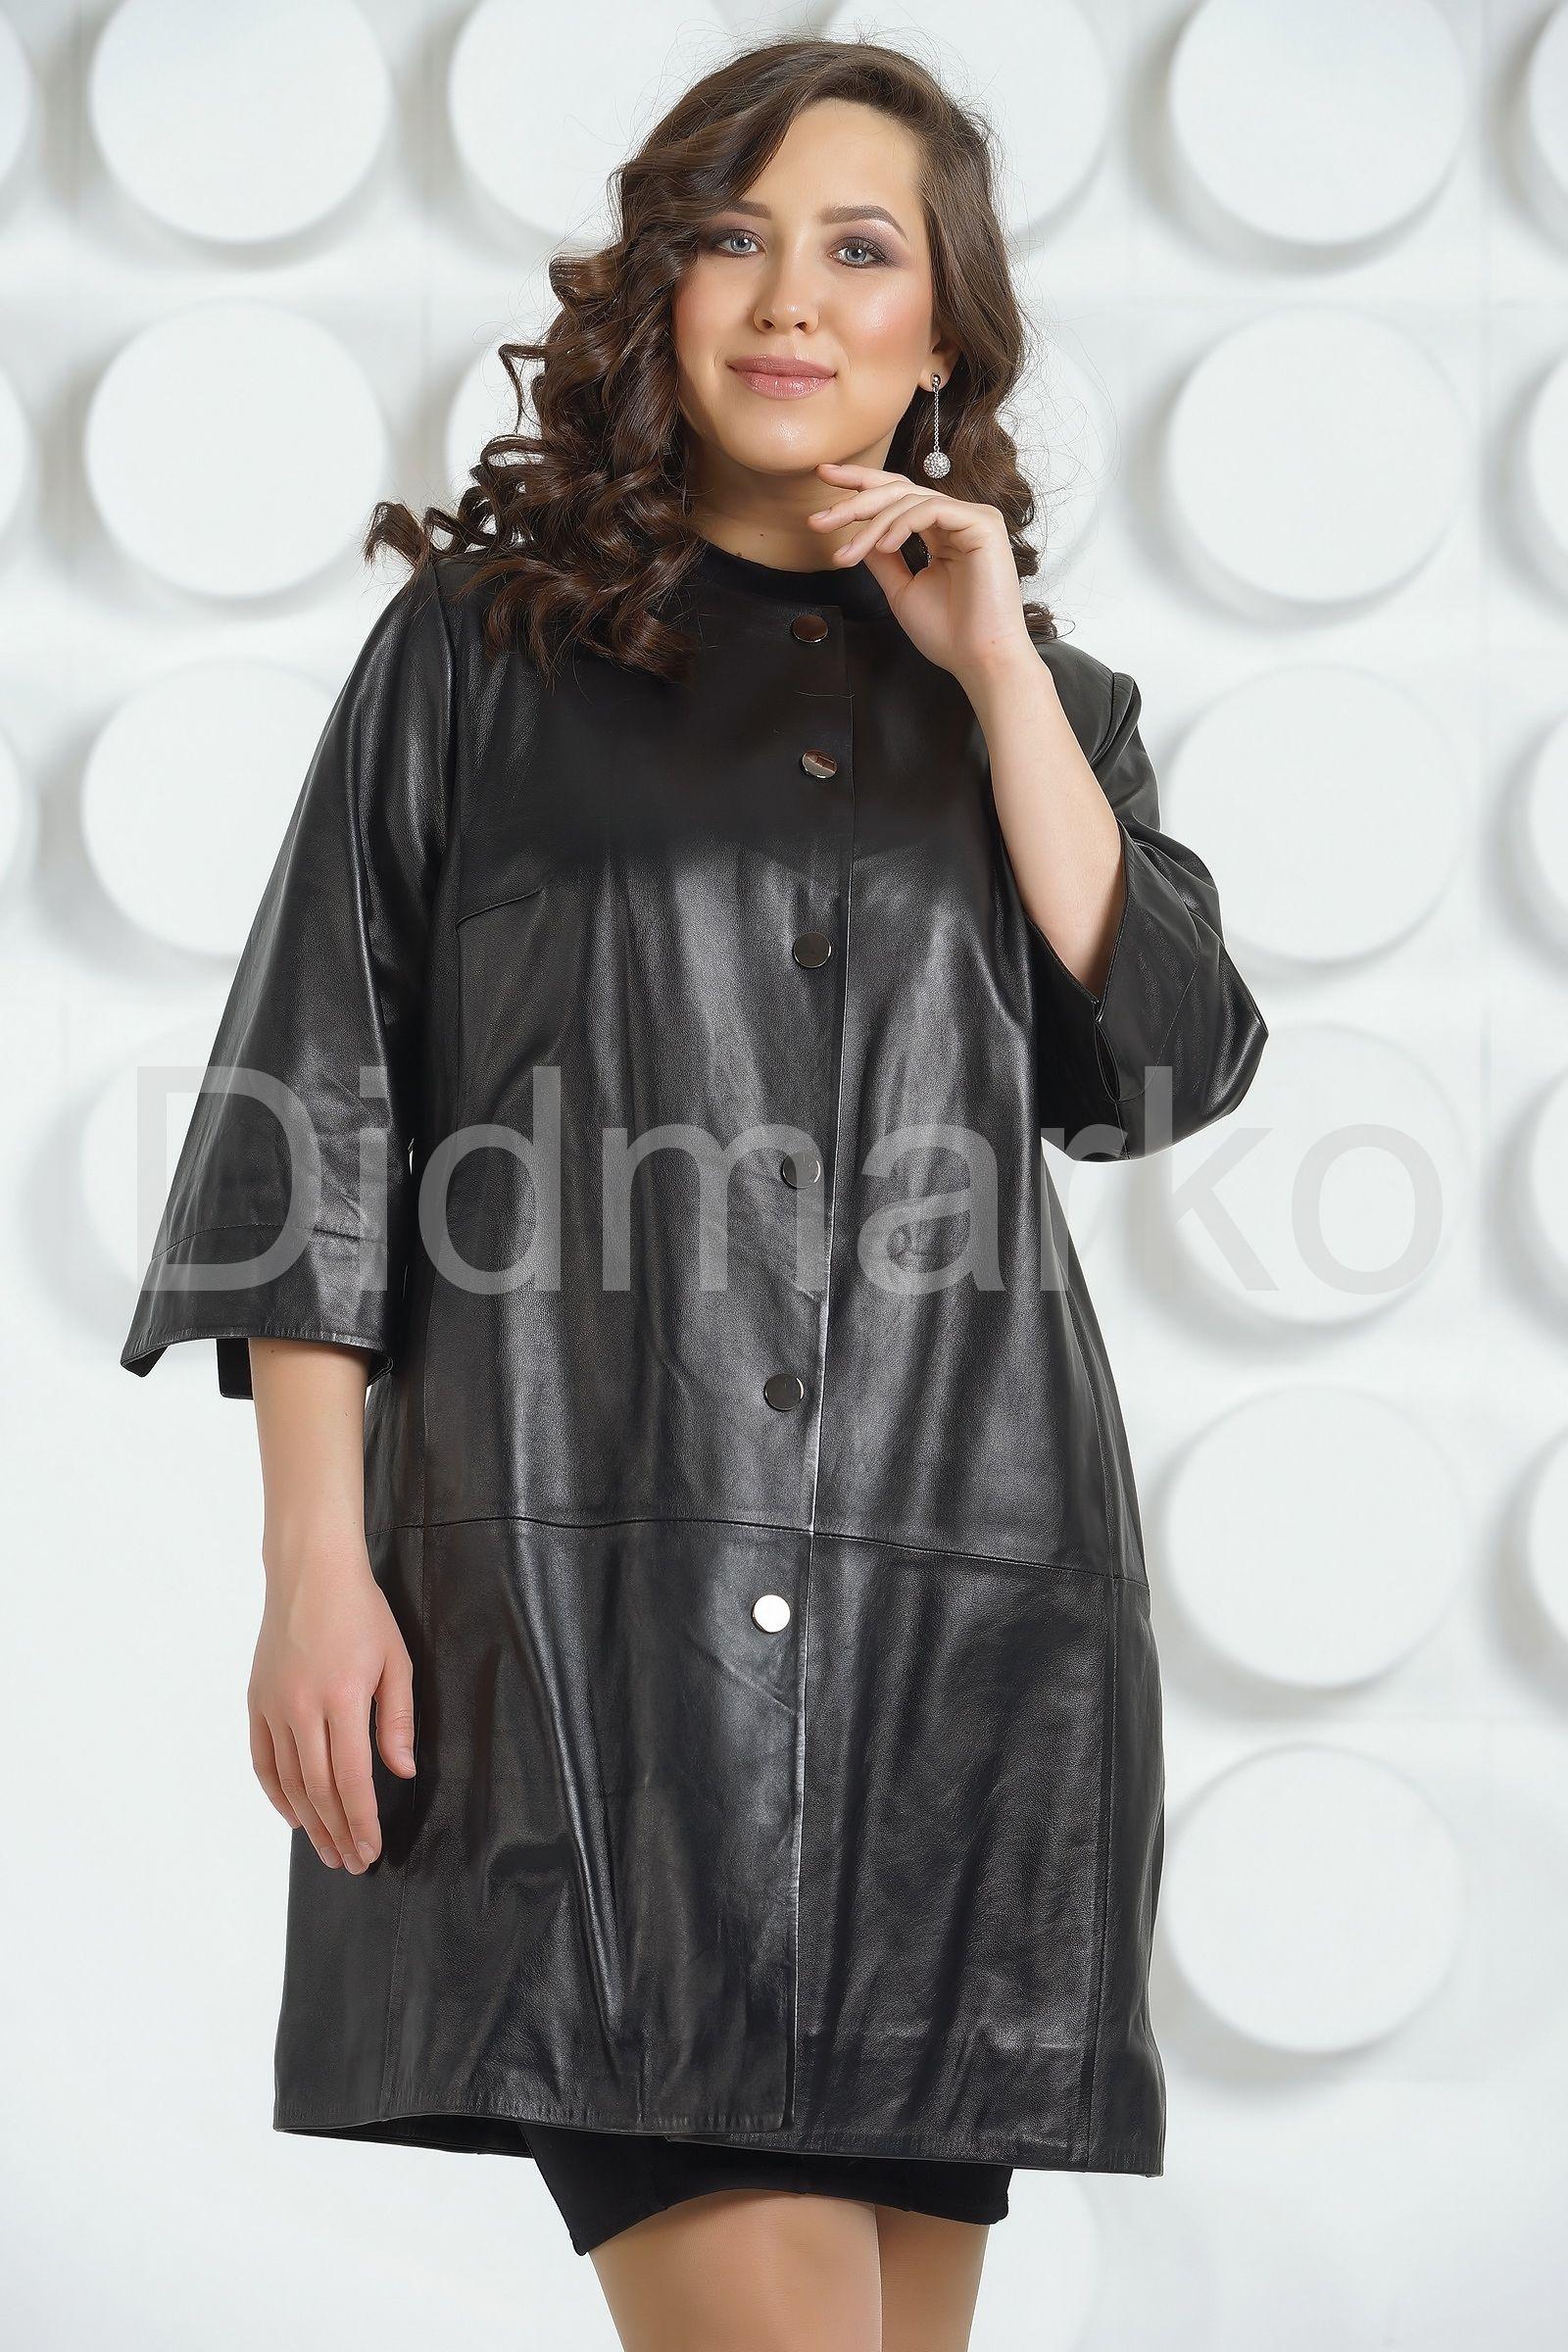 Кожаный костюм женский доставка